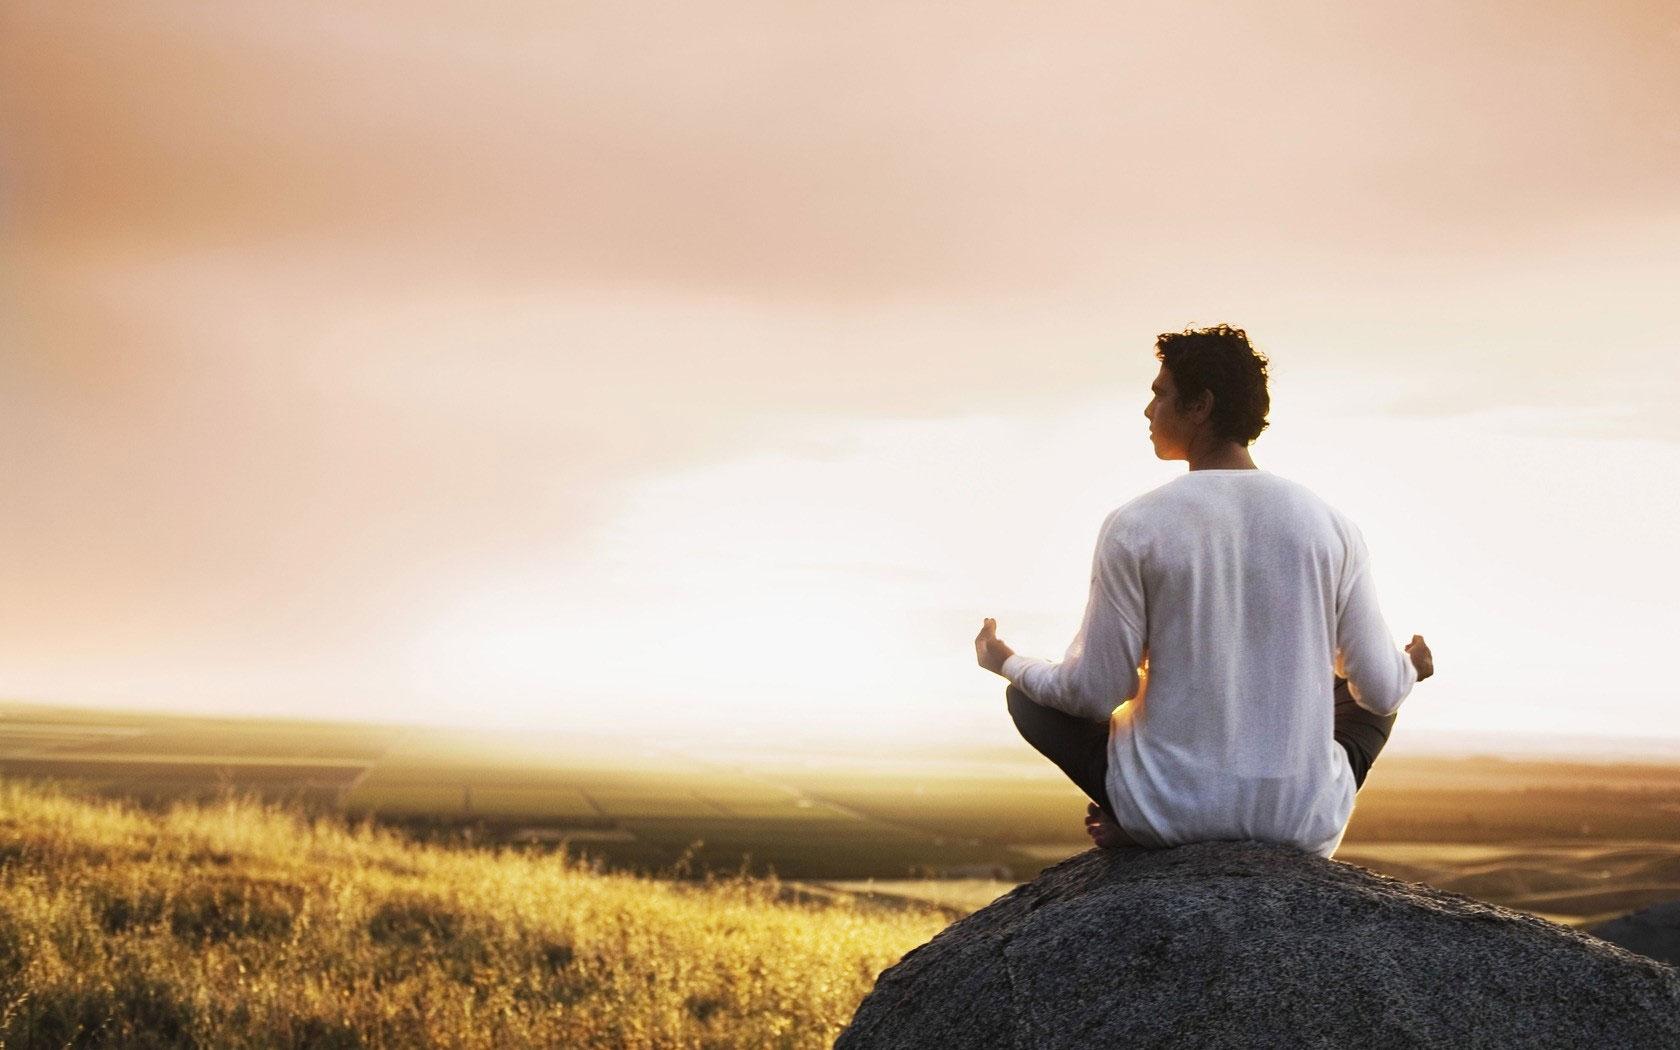 pics photos meditation wallpaper